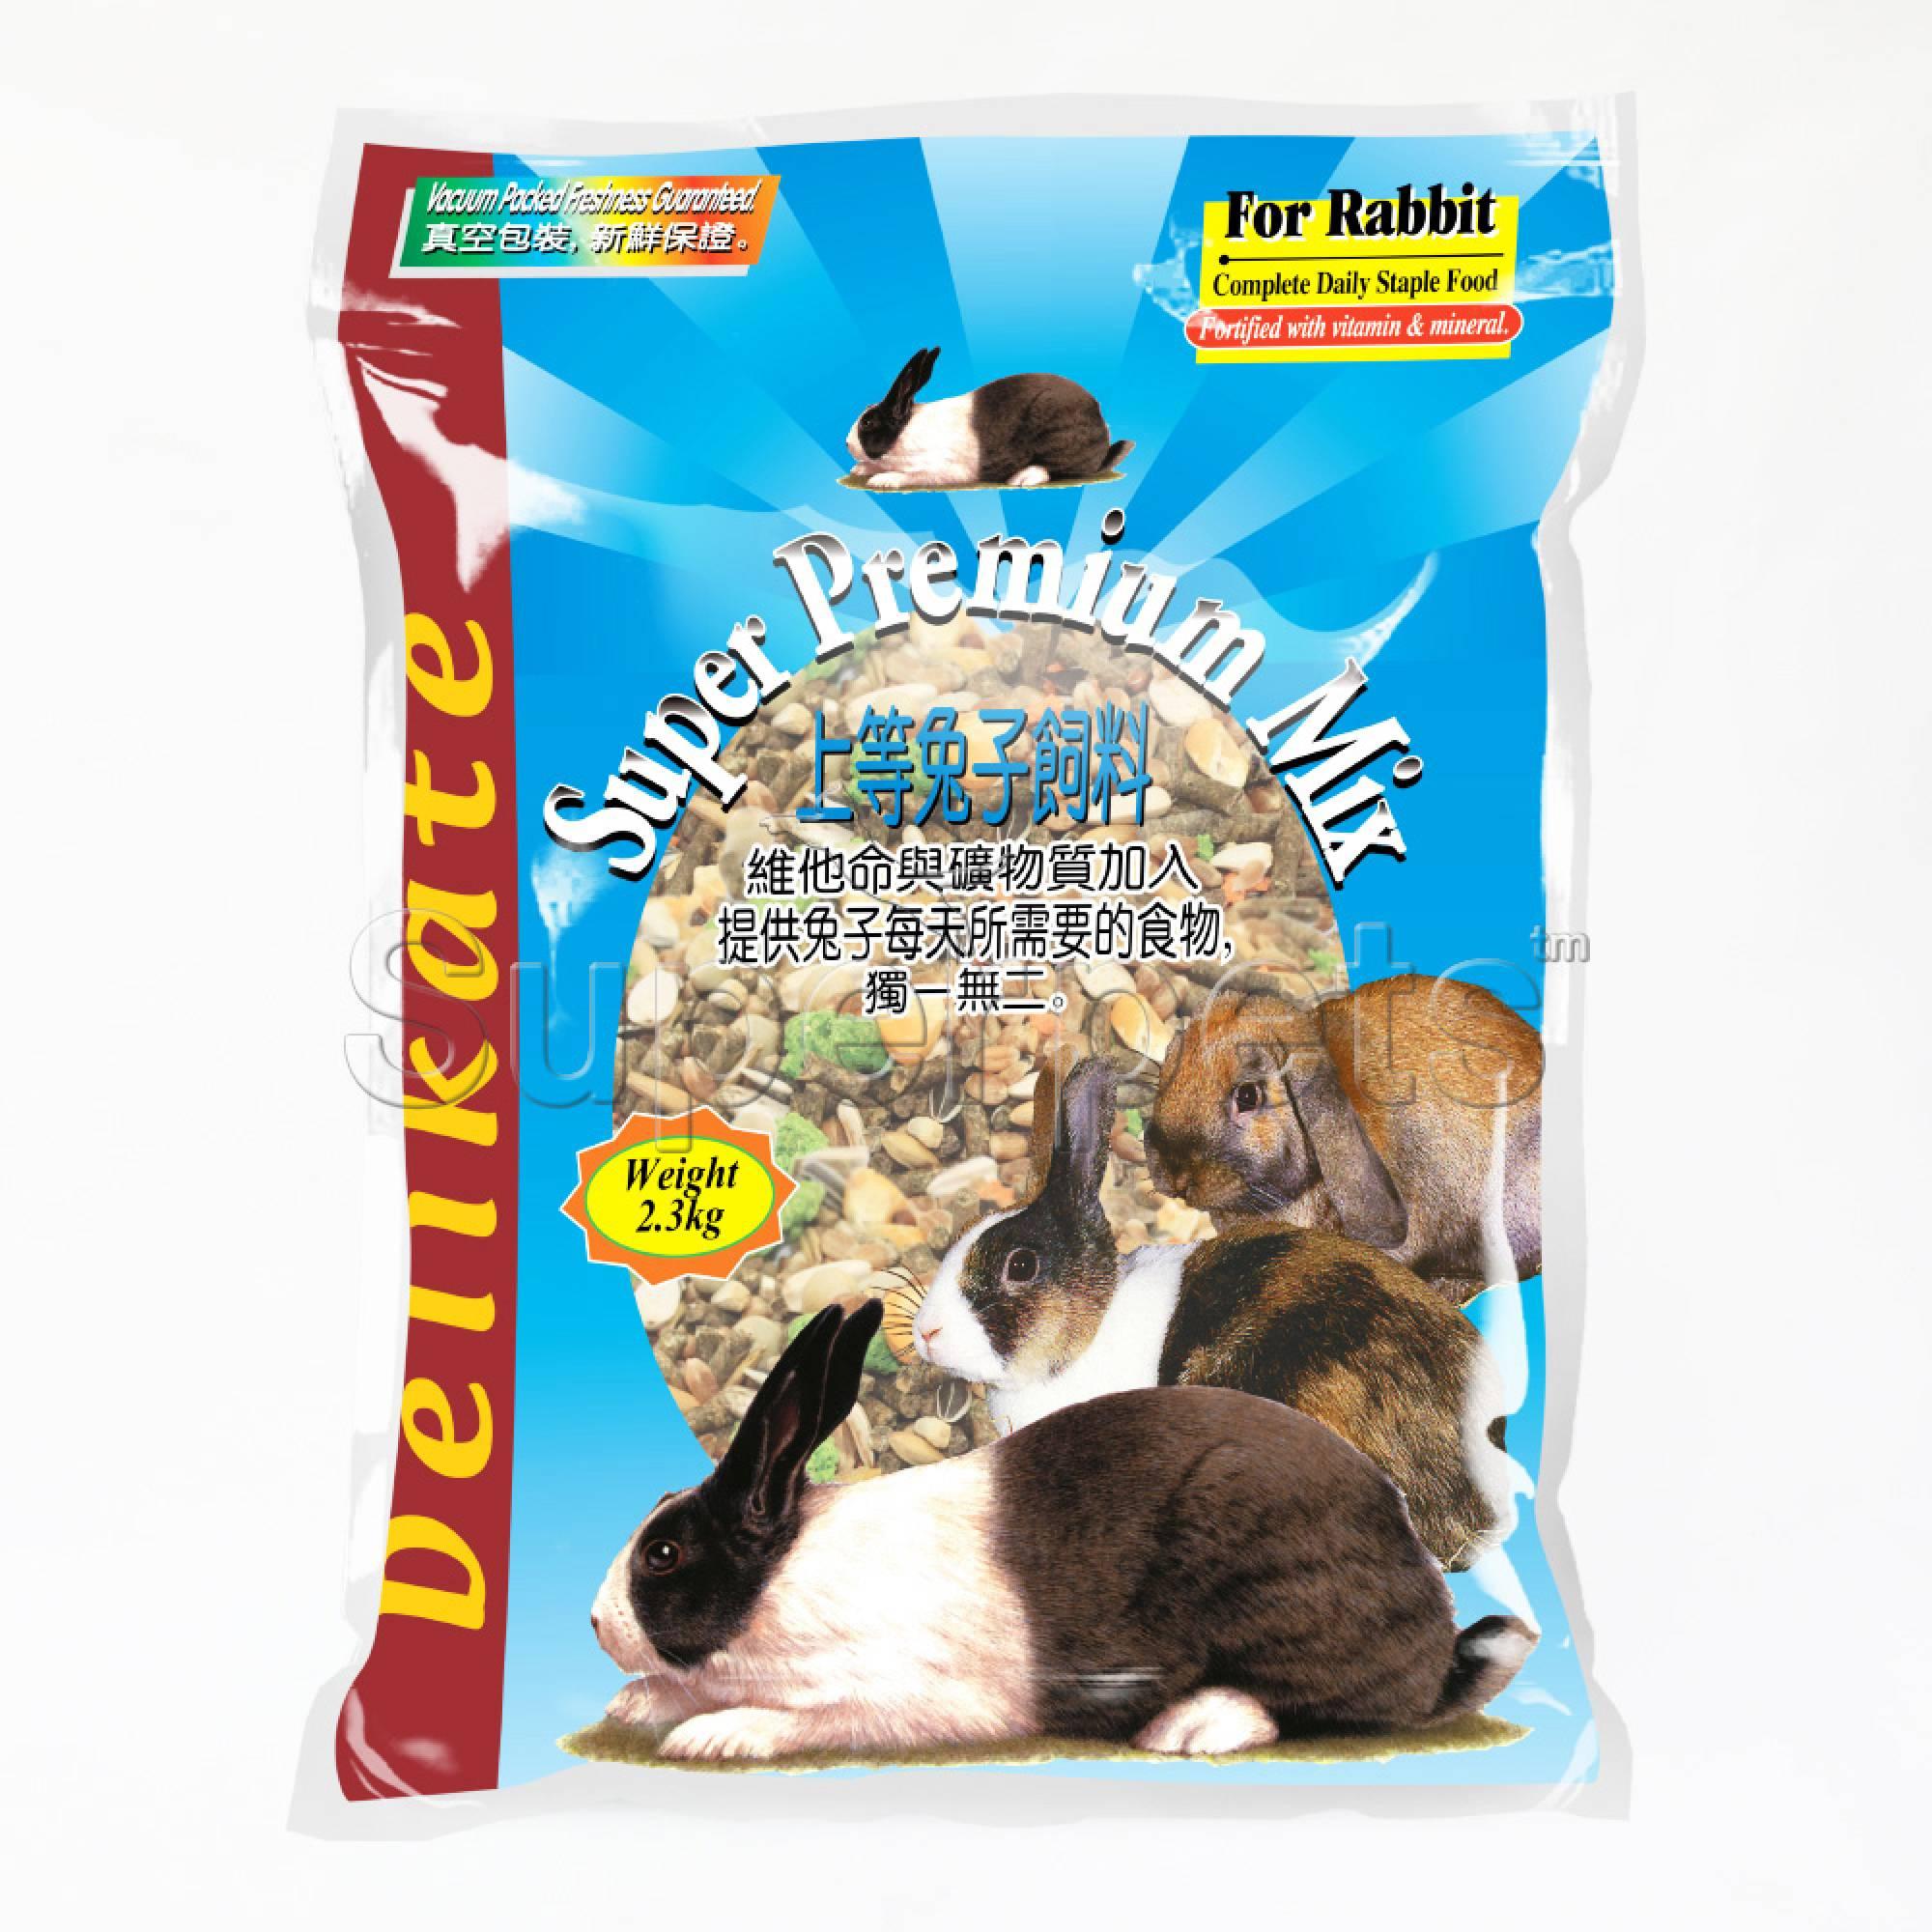 Delikate Super Premium Mix For Rabbit 2.3kg